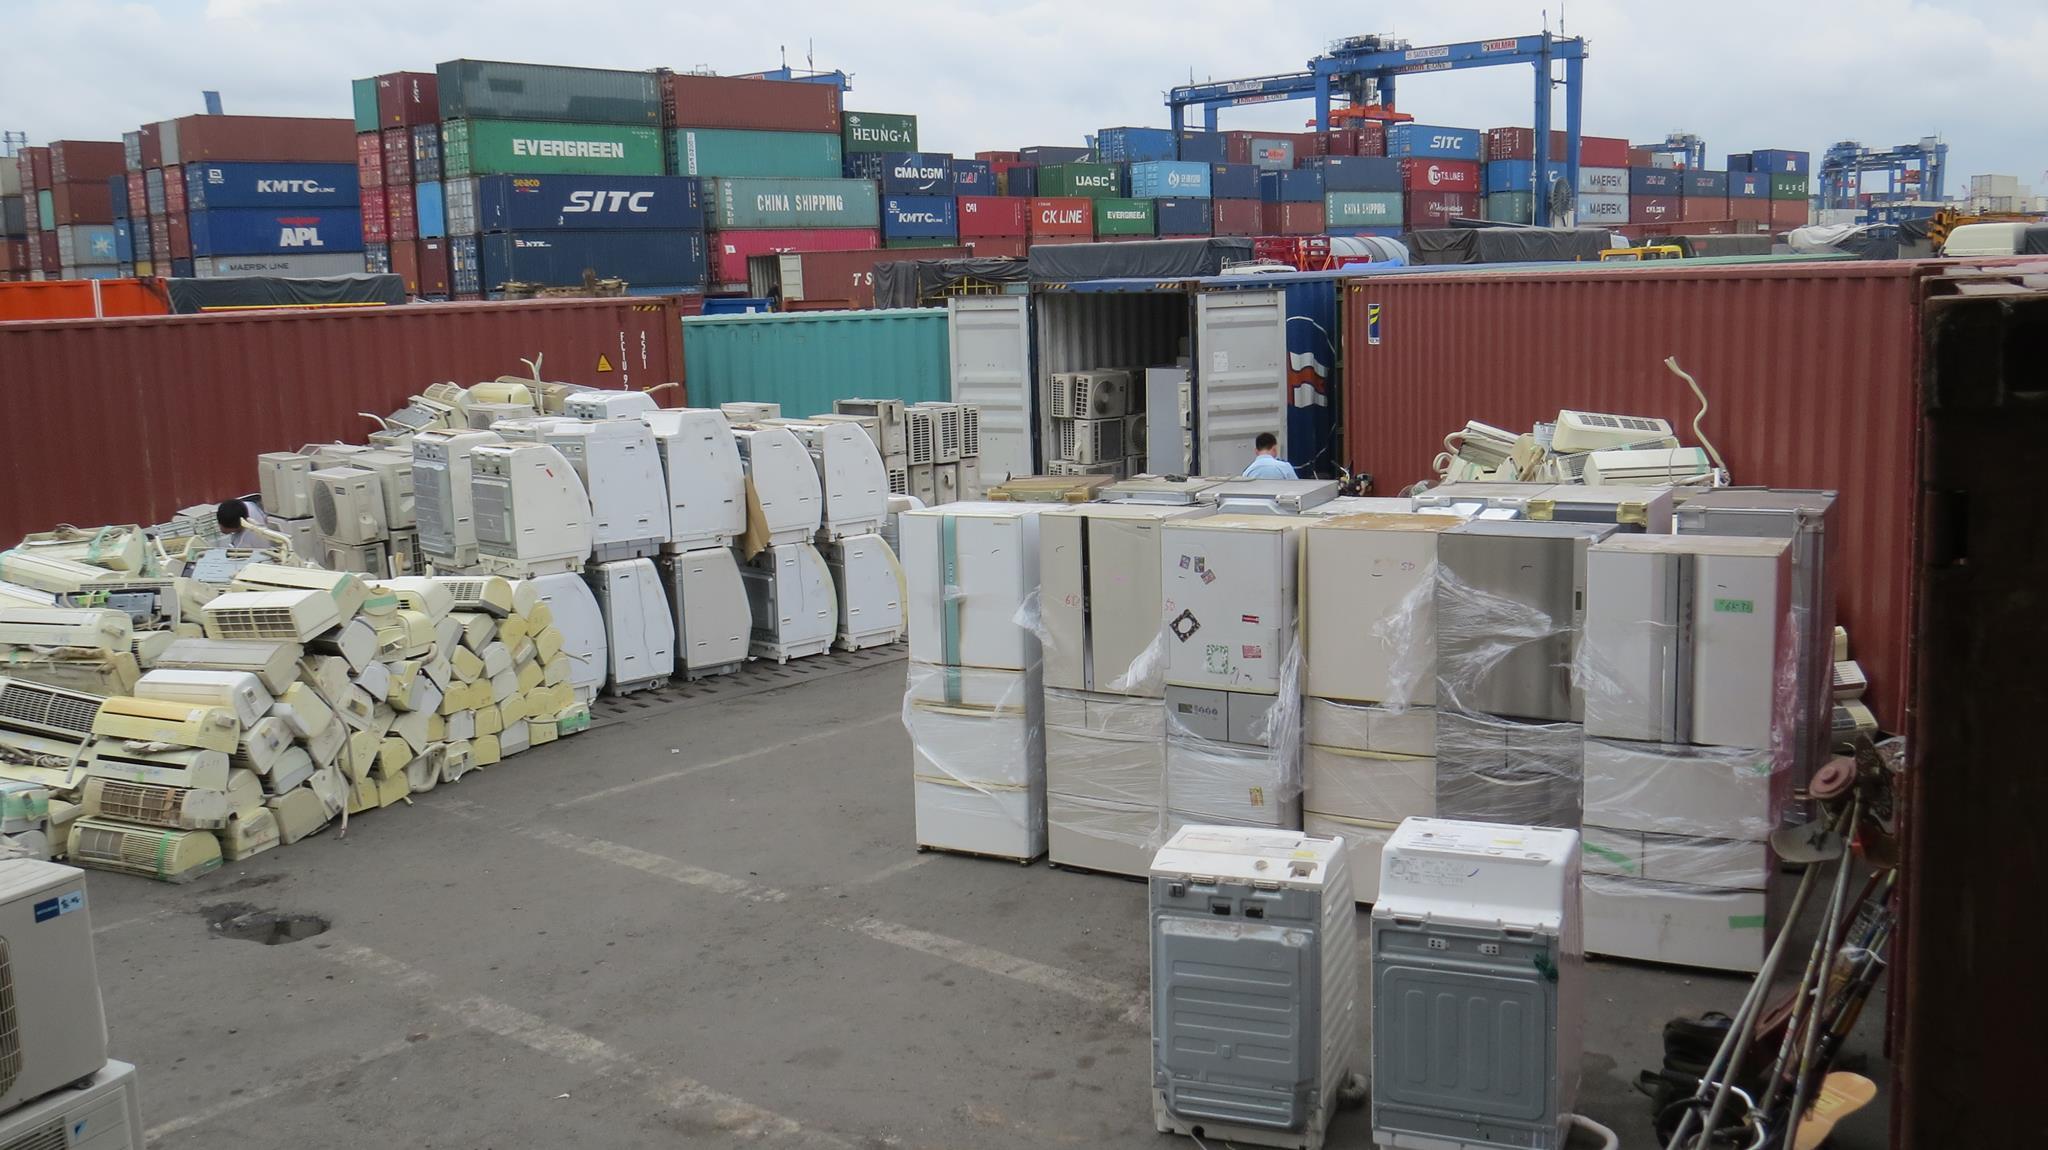 Sửa chữa tủ lạnh máy giặt điều hòa uy tín chuyên nghiệp giá rẻ nhất tại Hà Nội 0911464875